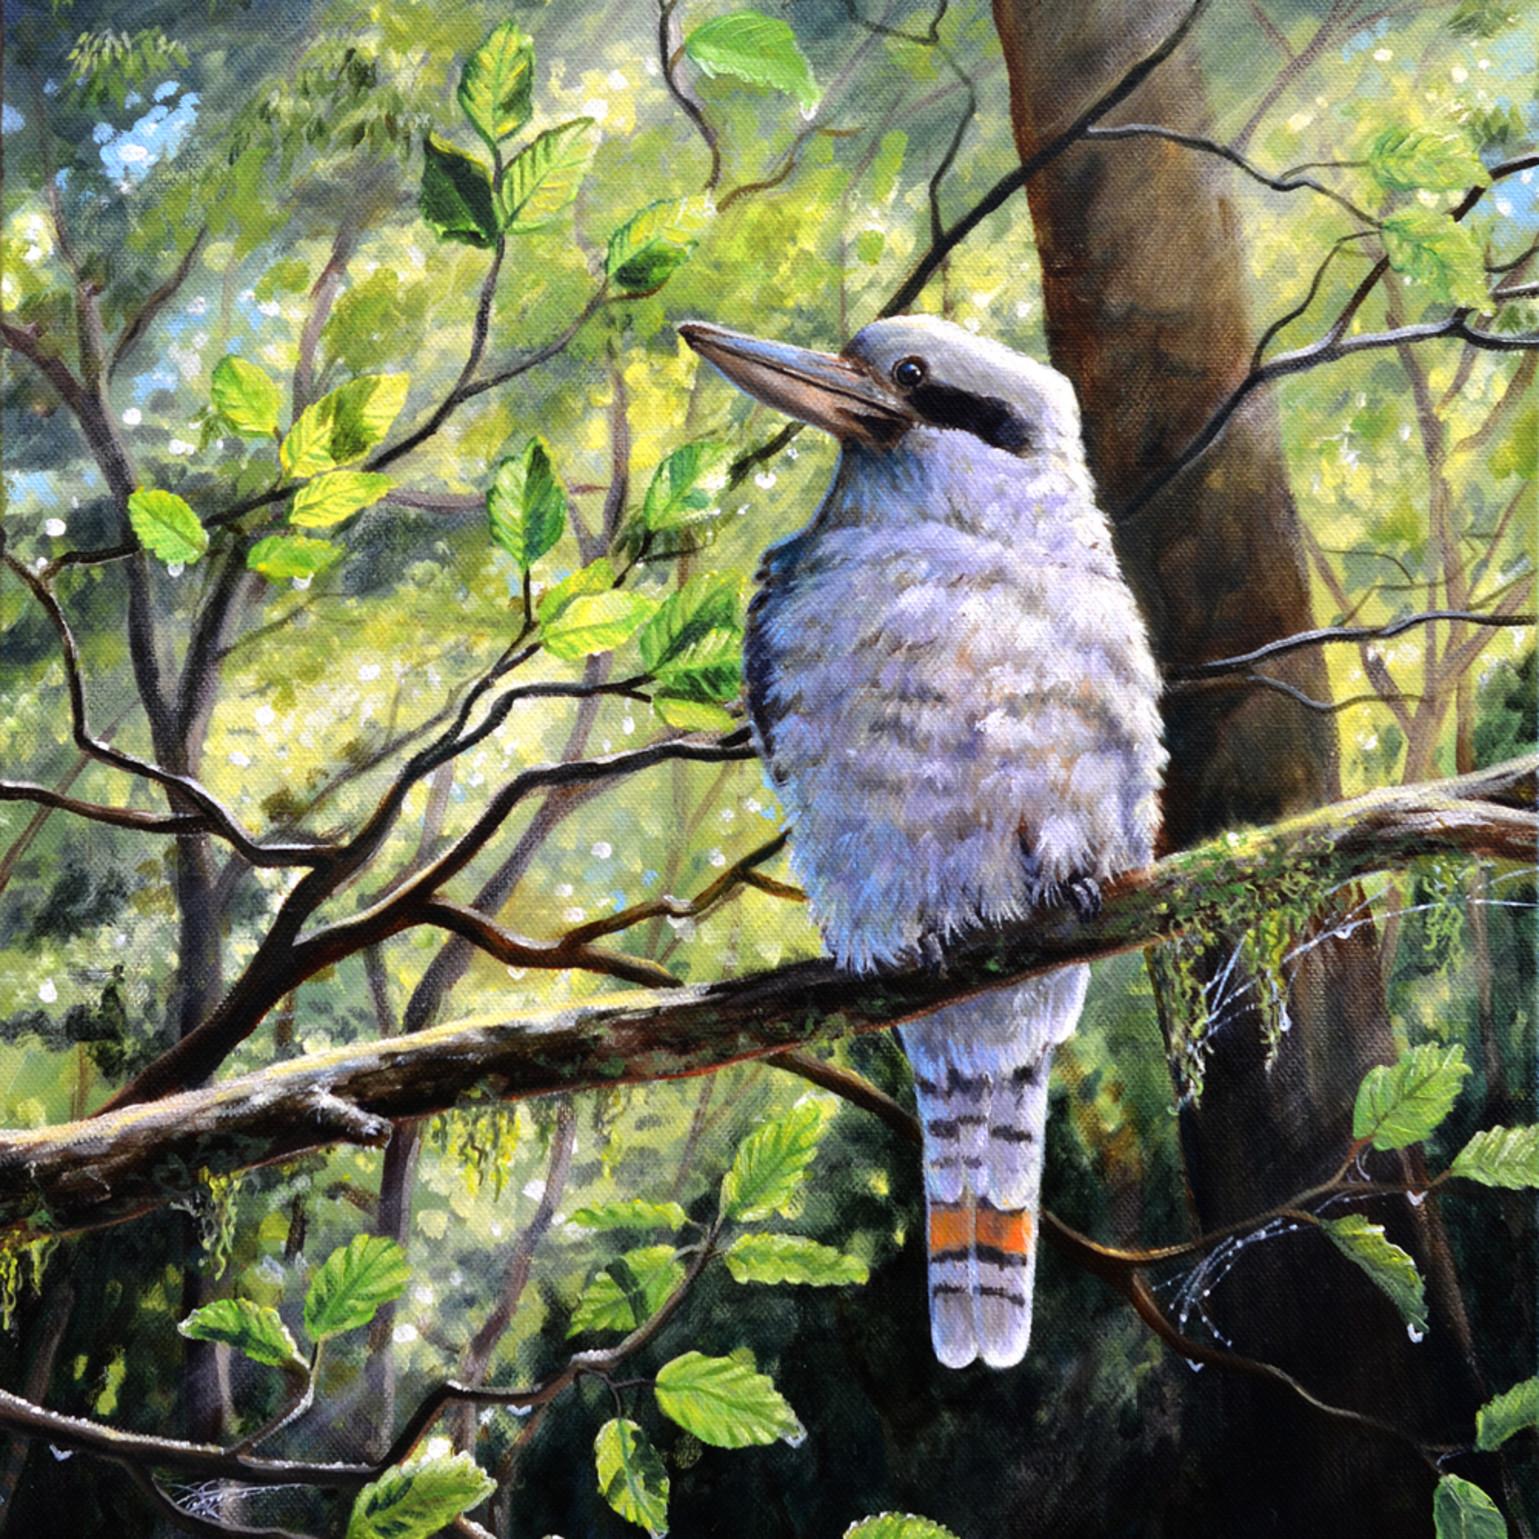 Kookaburra forest friend socialmedia uqmnlf